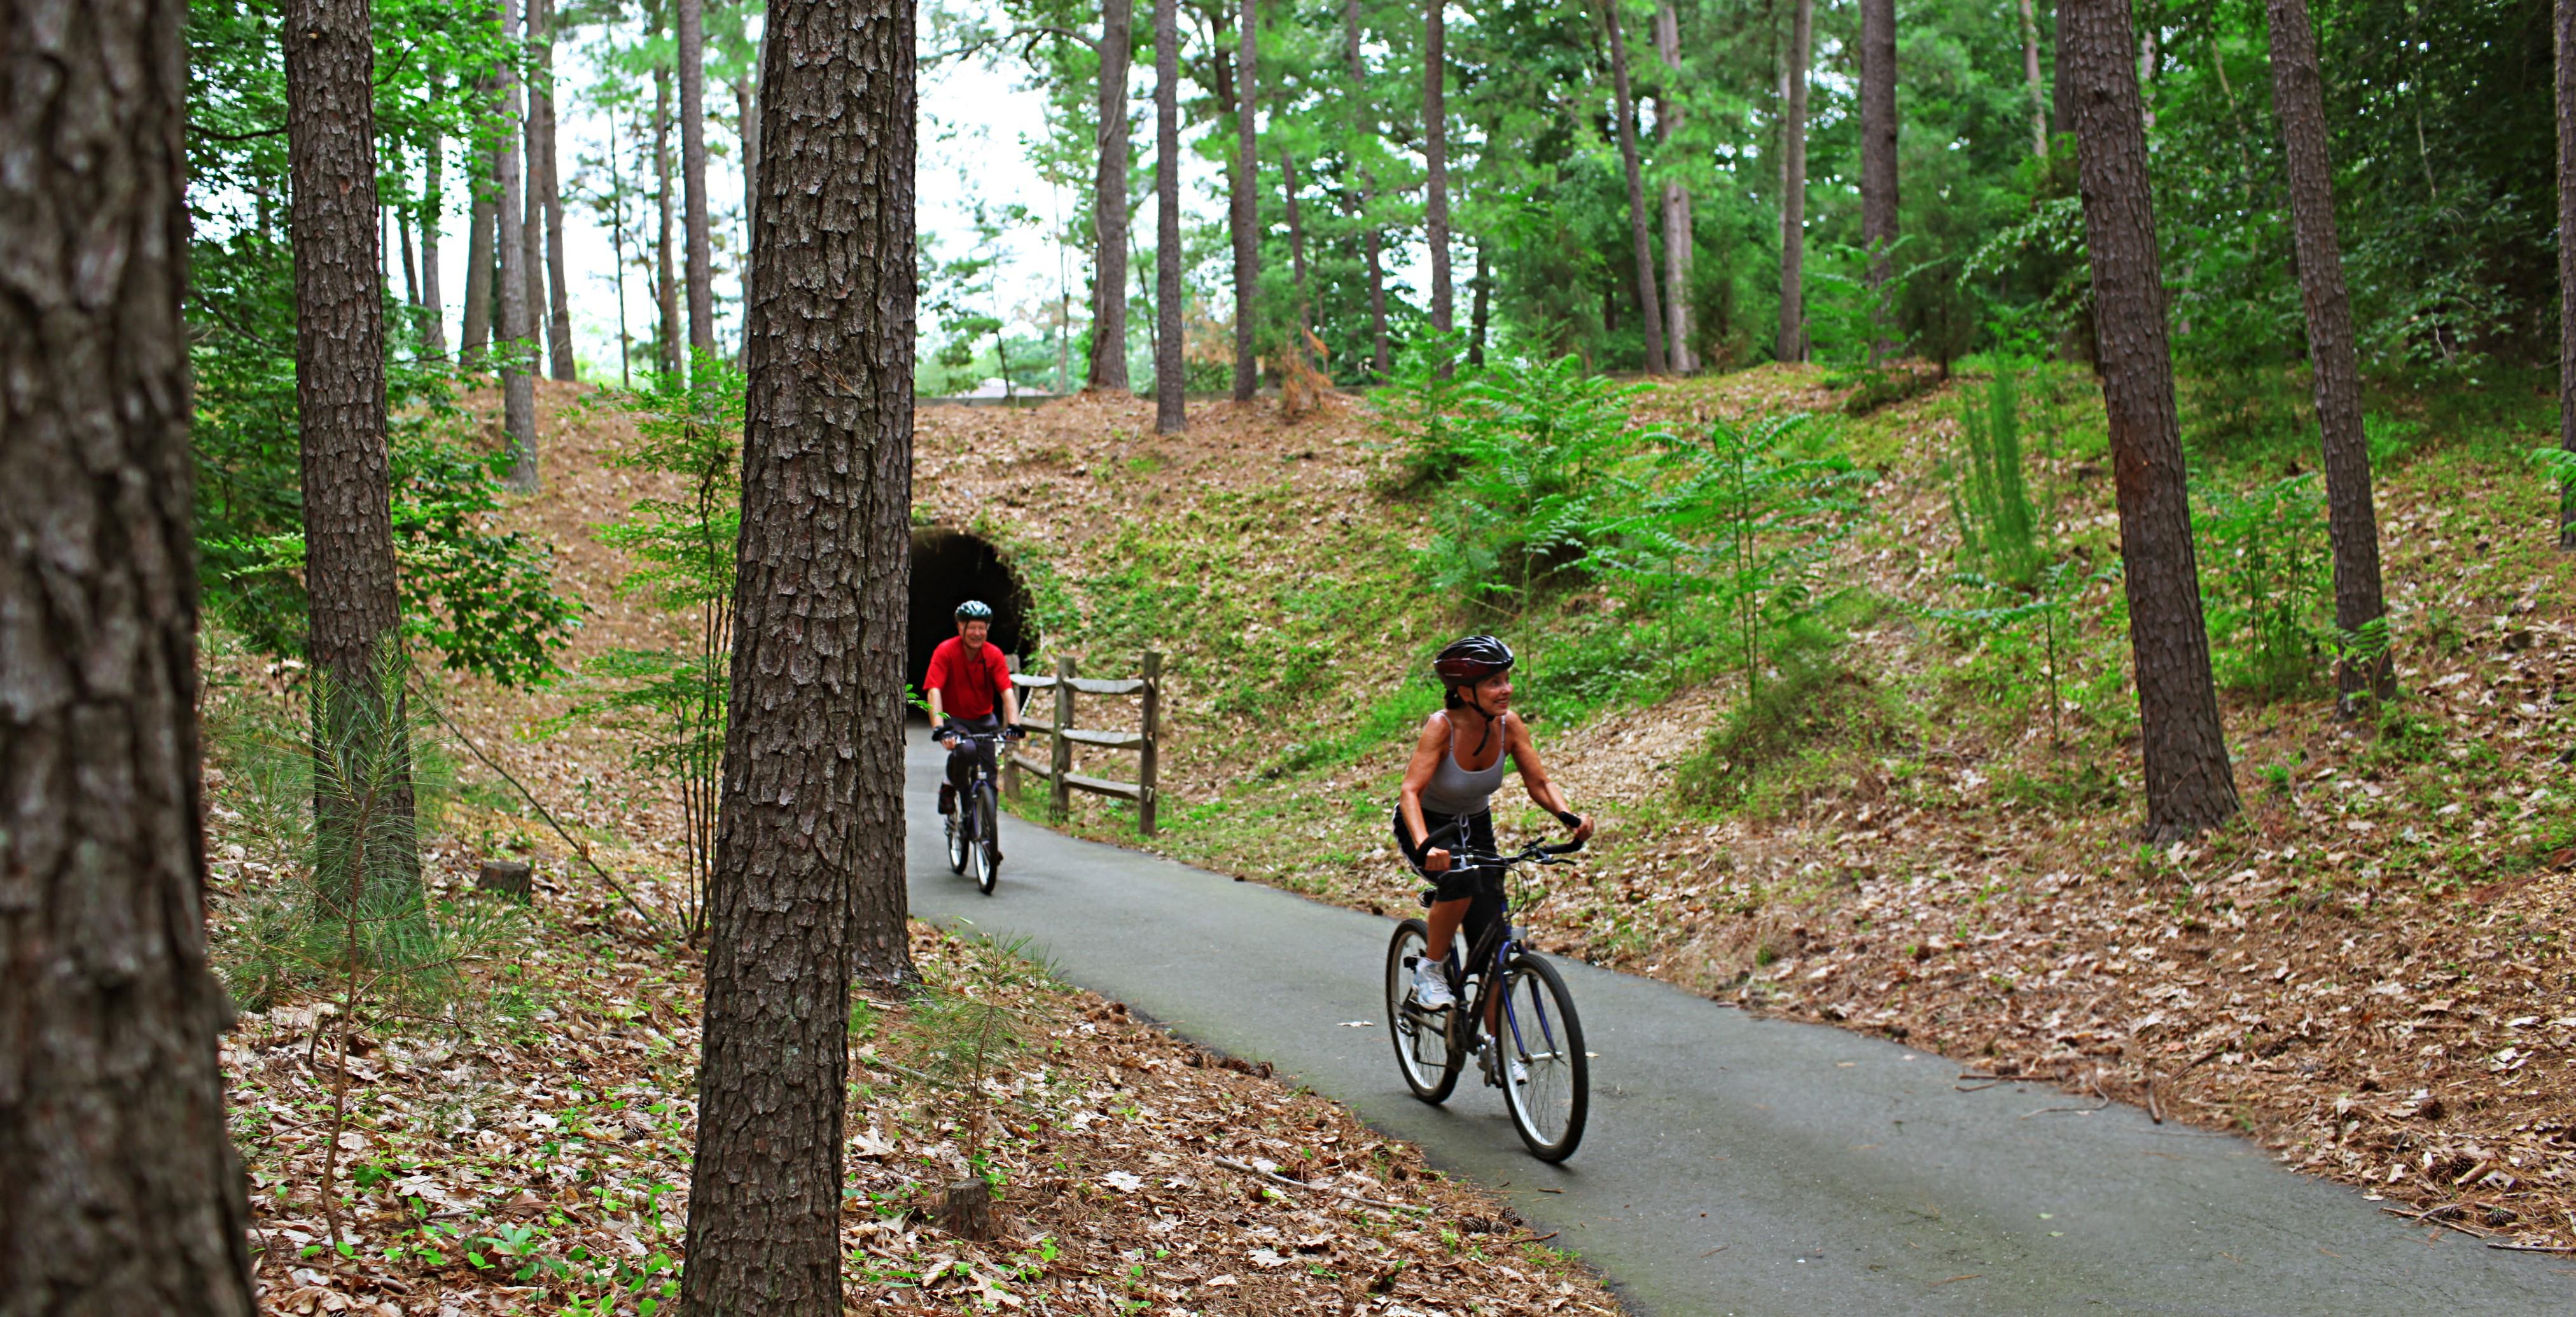 Biking_no waiver